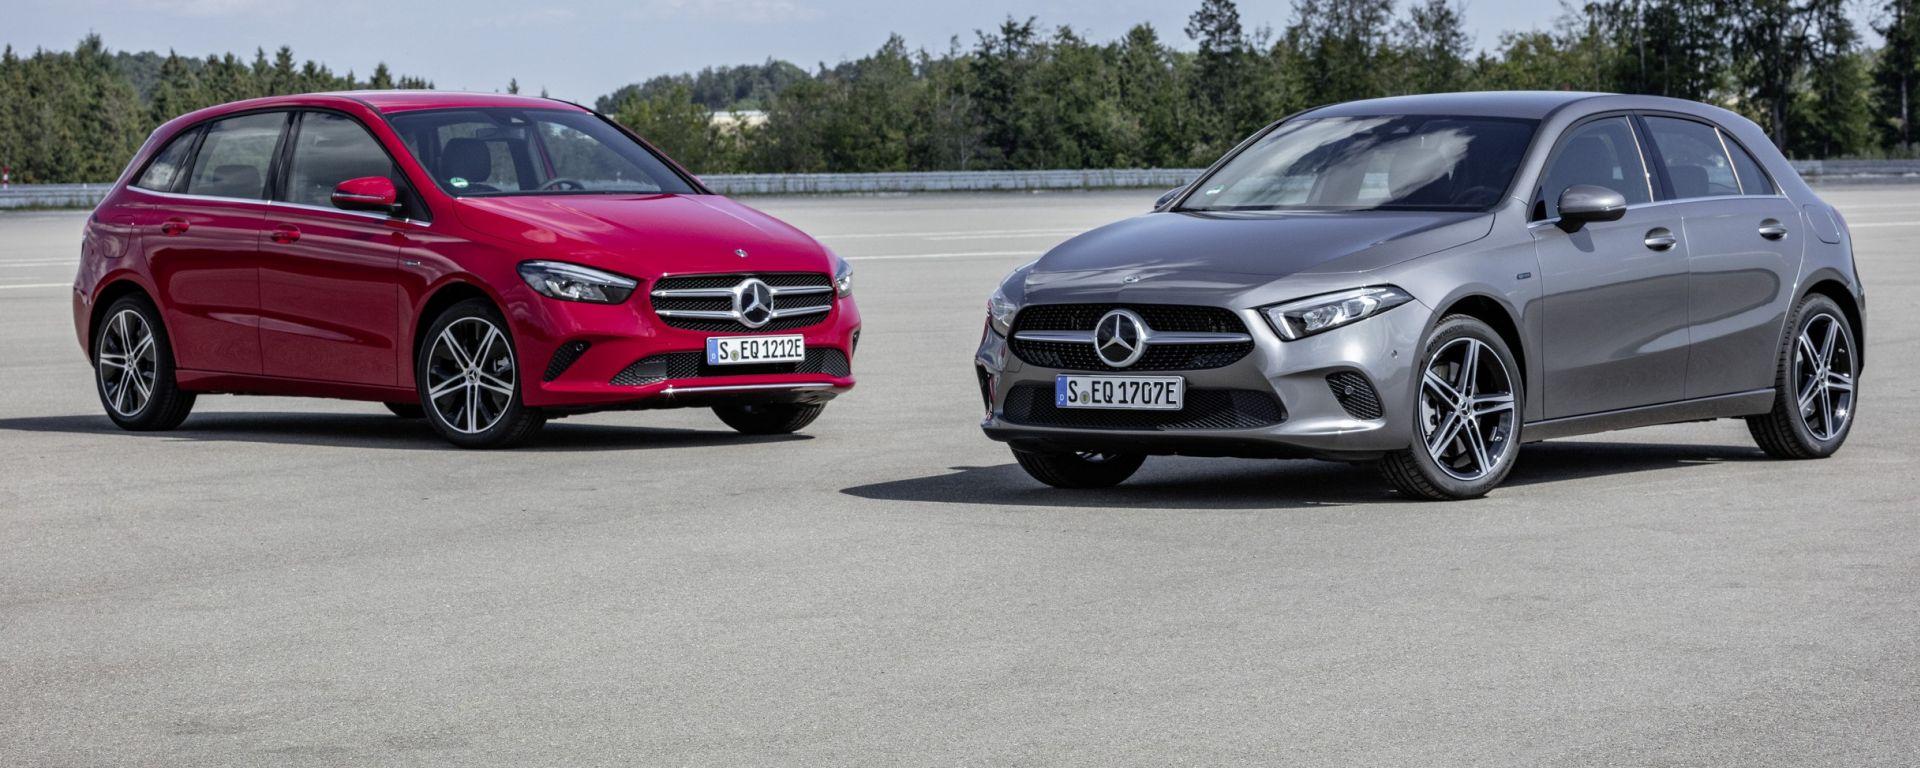 Mercedes Classe A e Classe B ibride plug-in